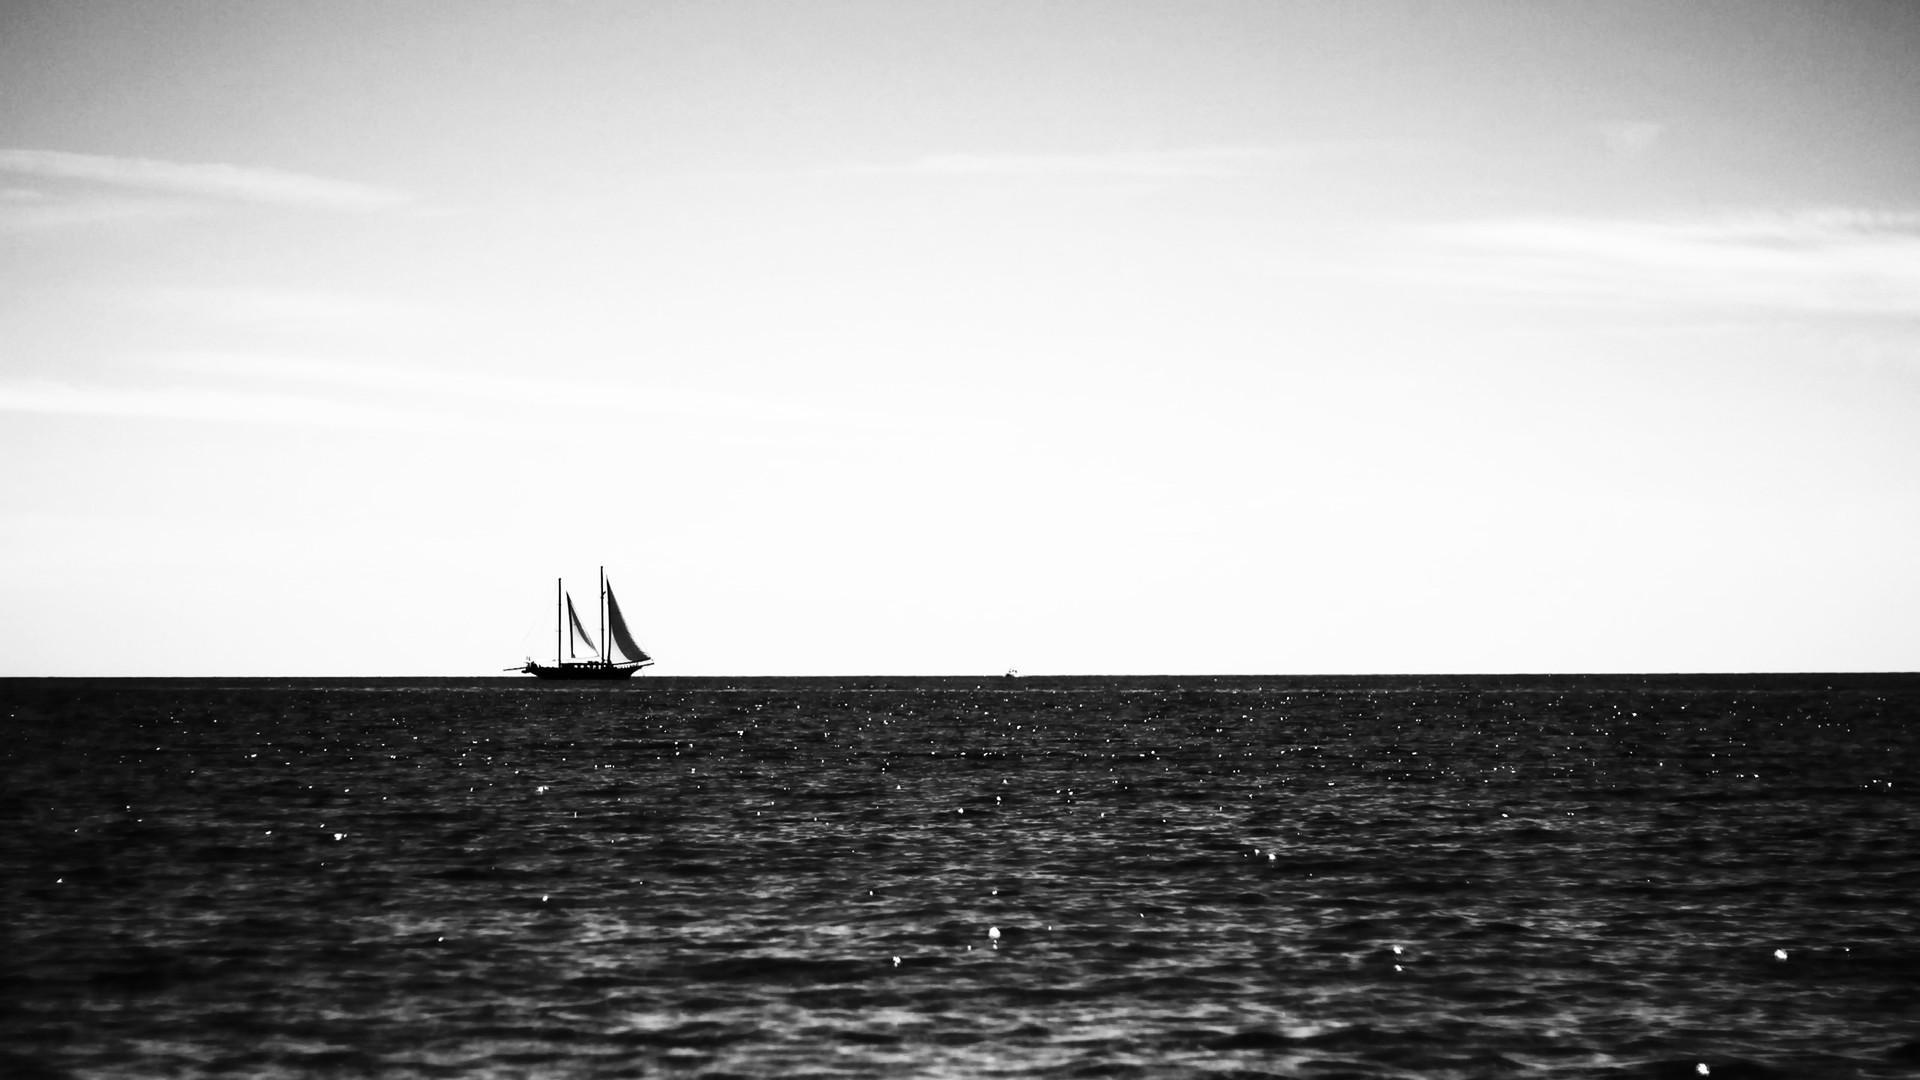 6969213-ocean-sailing.jpg